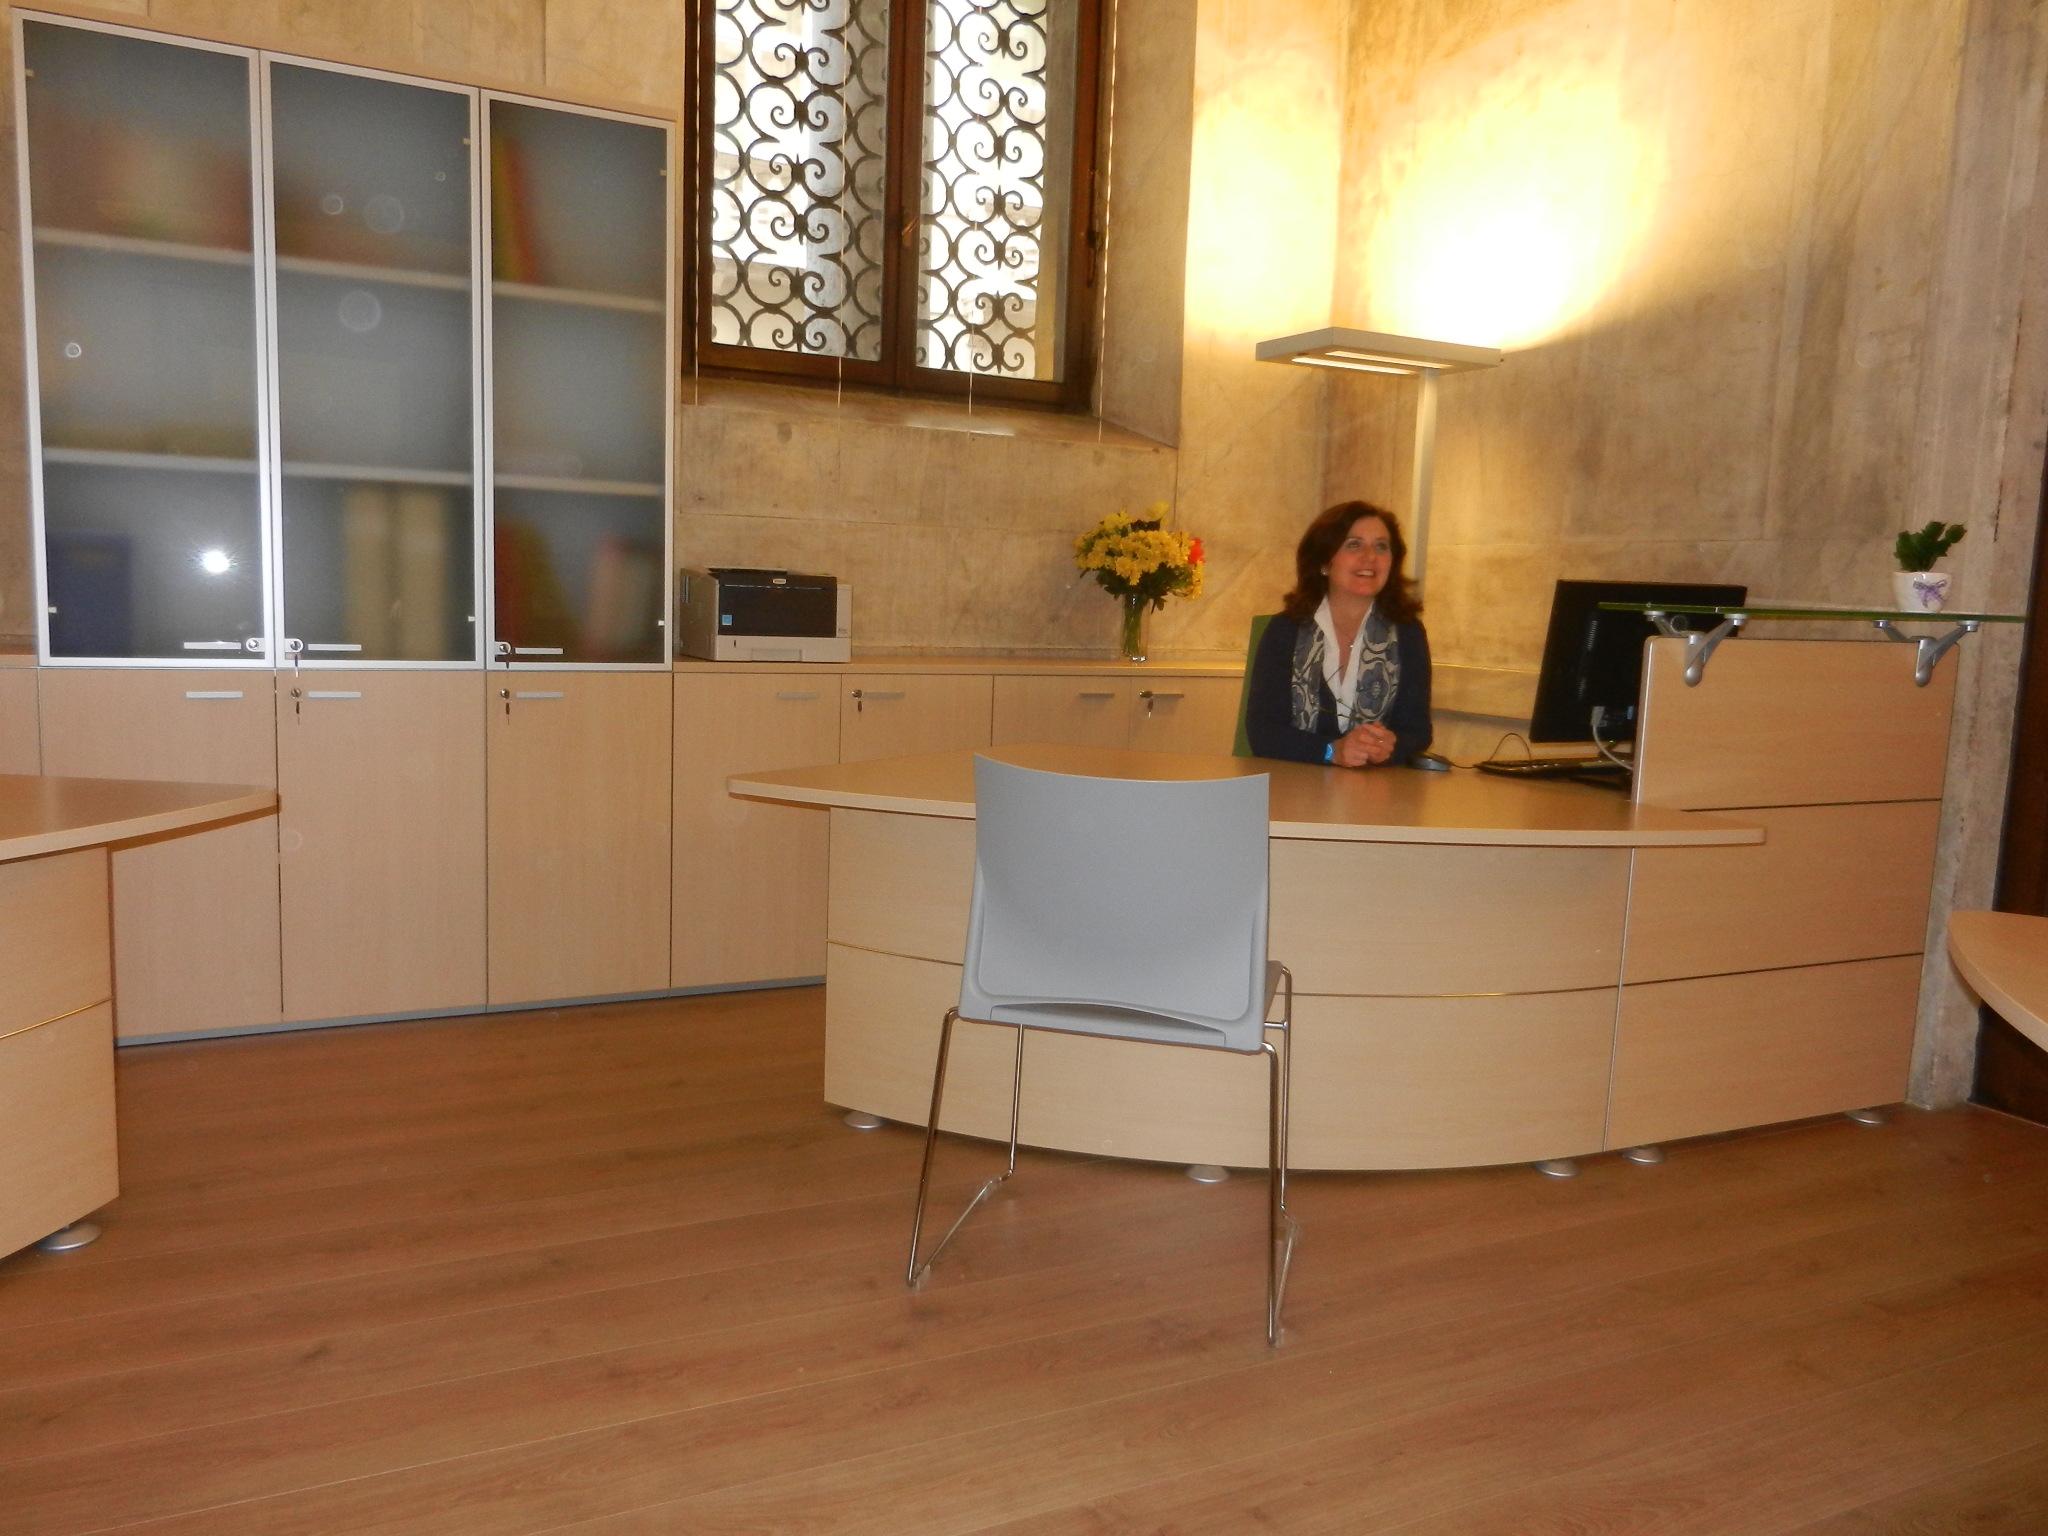 Allestimento pi accogliente e funzionale per l 39 ufficio for Allestimento ufficio